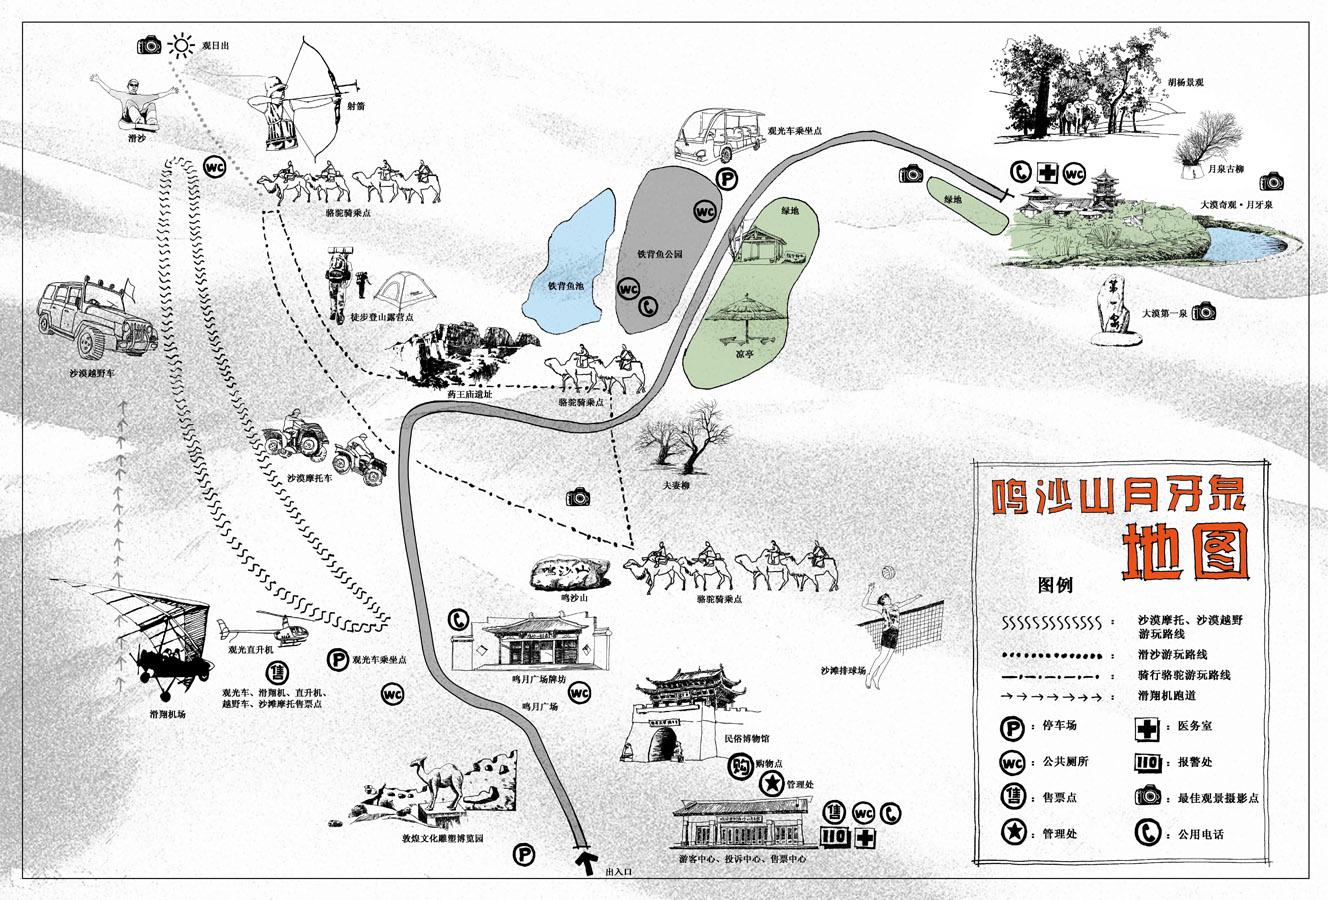 鳴沙山·月牙泉地圖 @鳴沙山·月牙泉官網